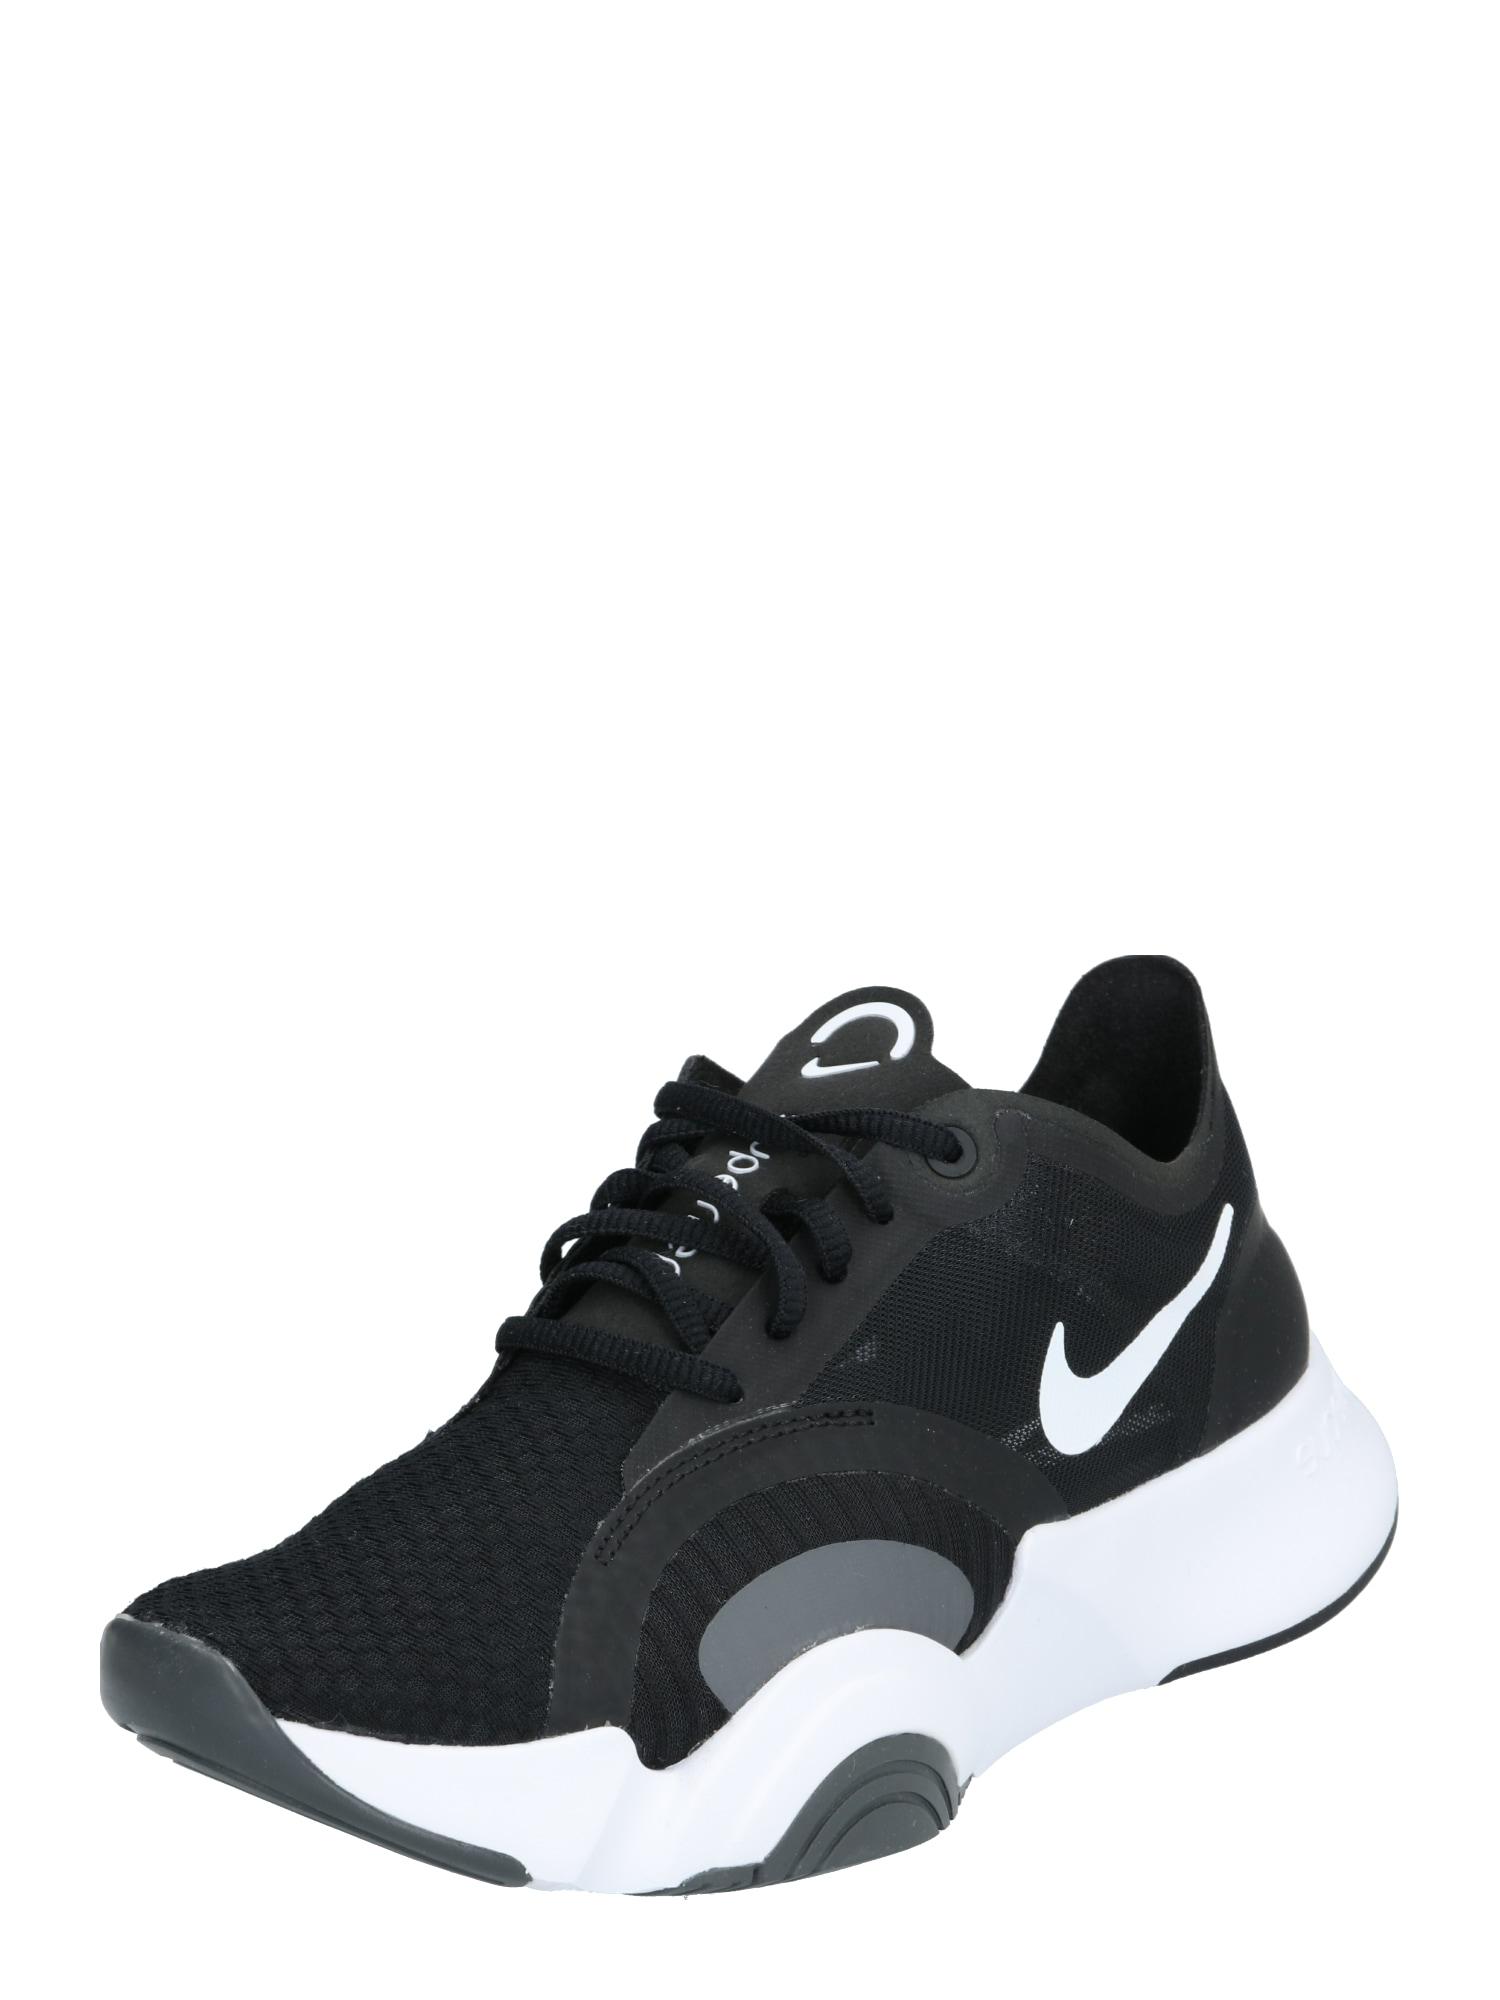 NIKE Sportiniai batai 'SuperRep Go' juoda / balta